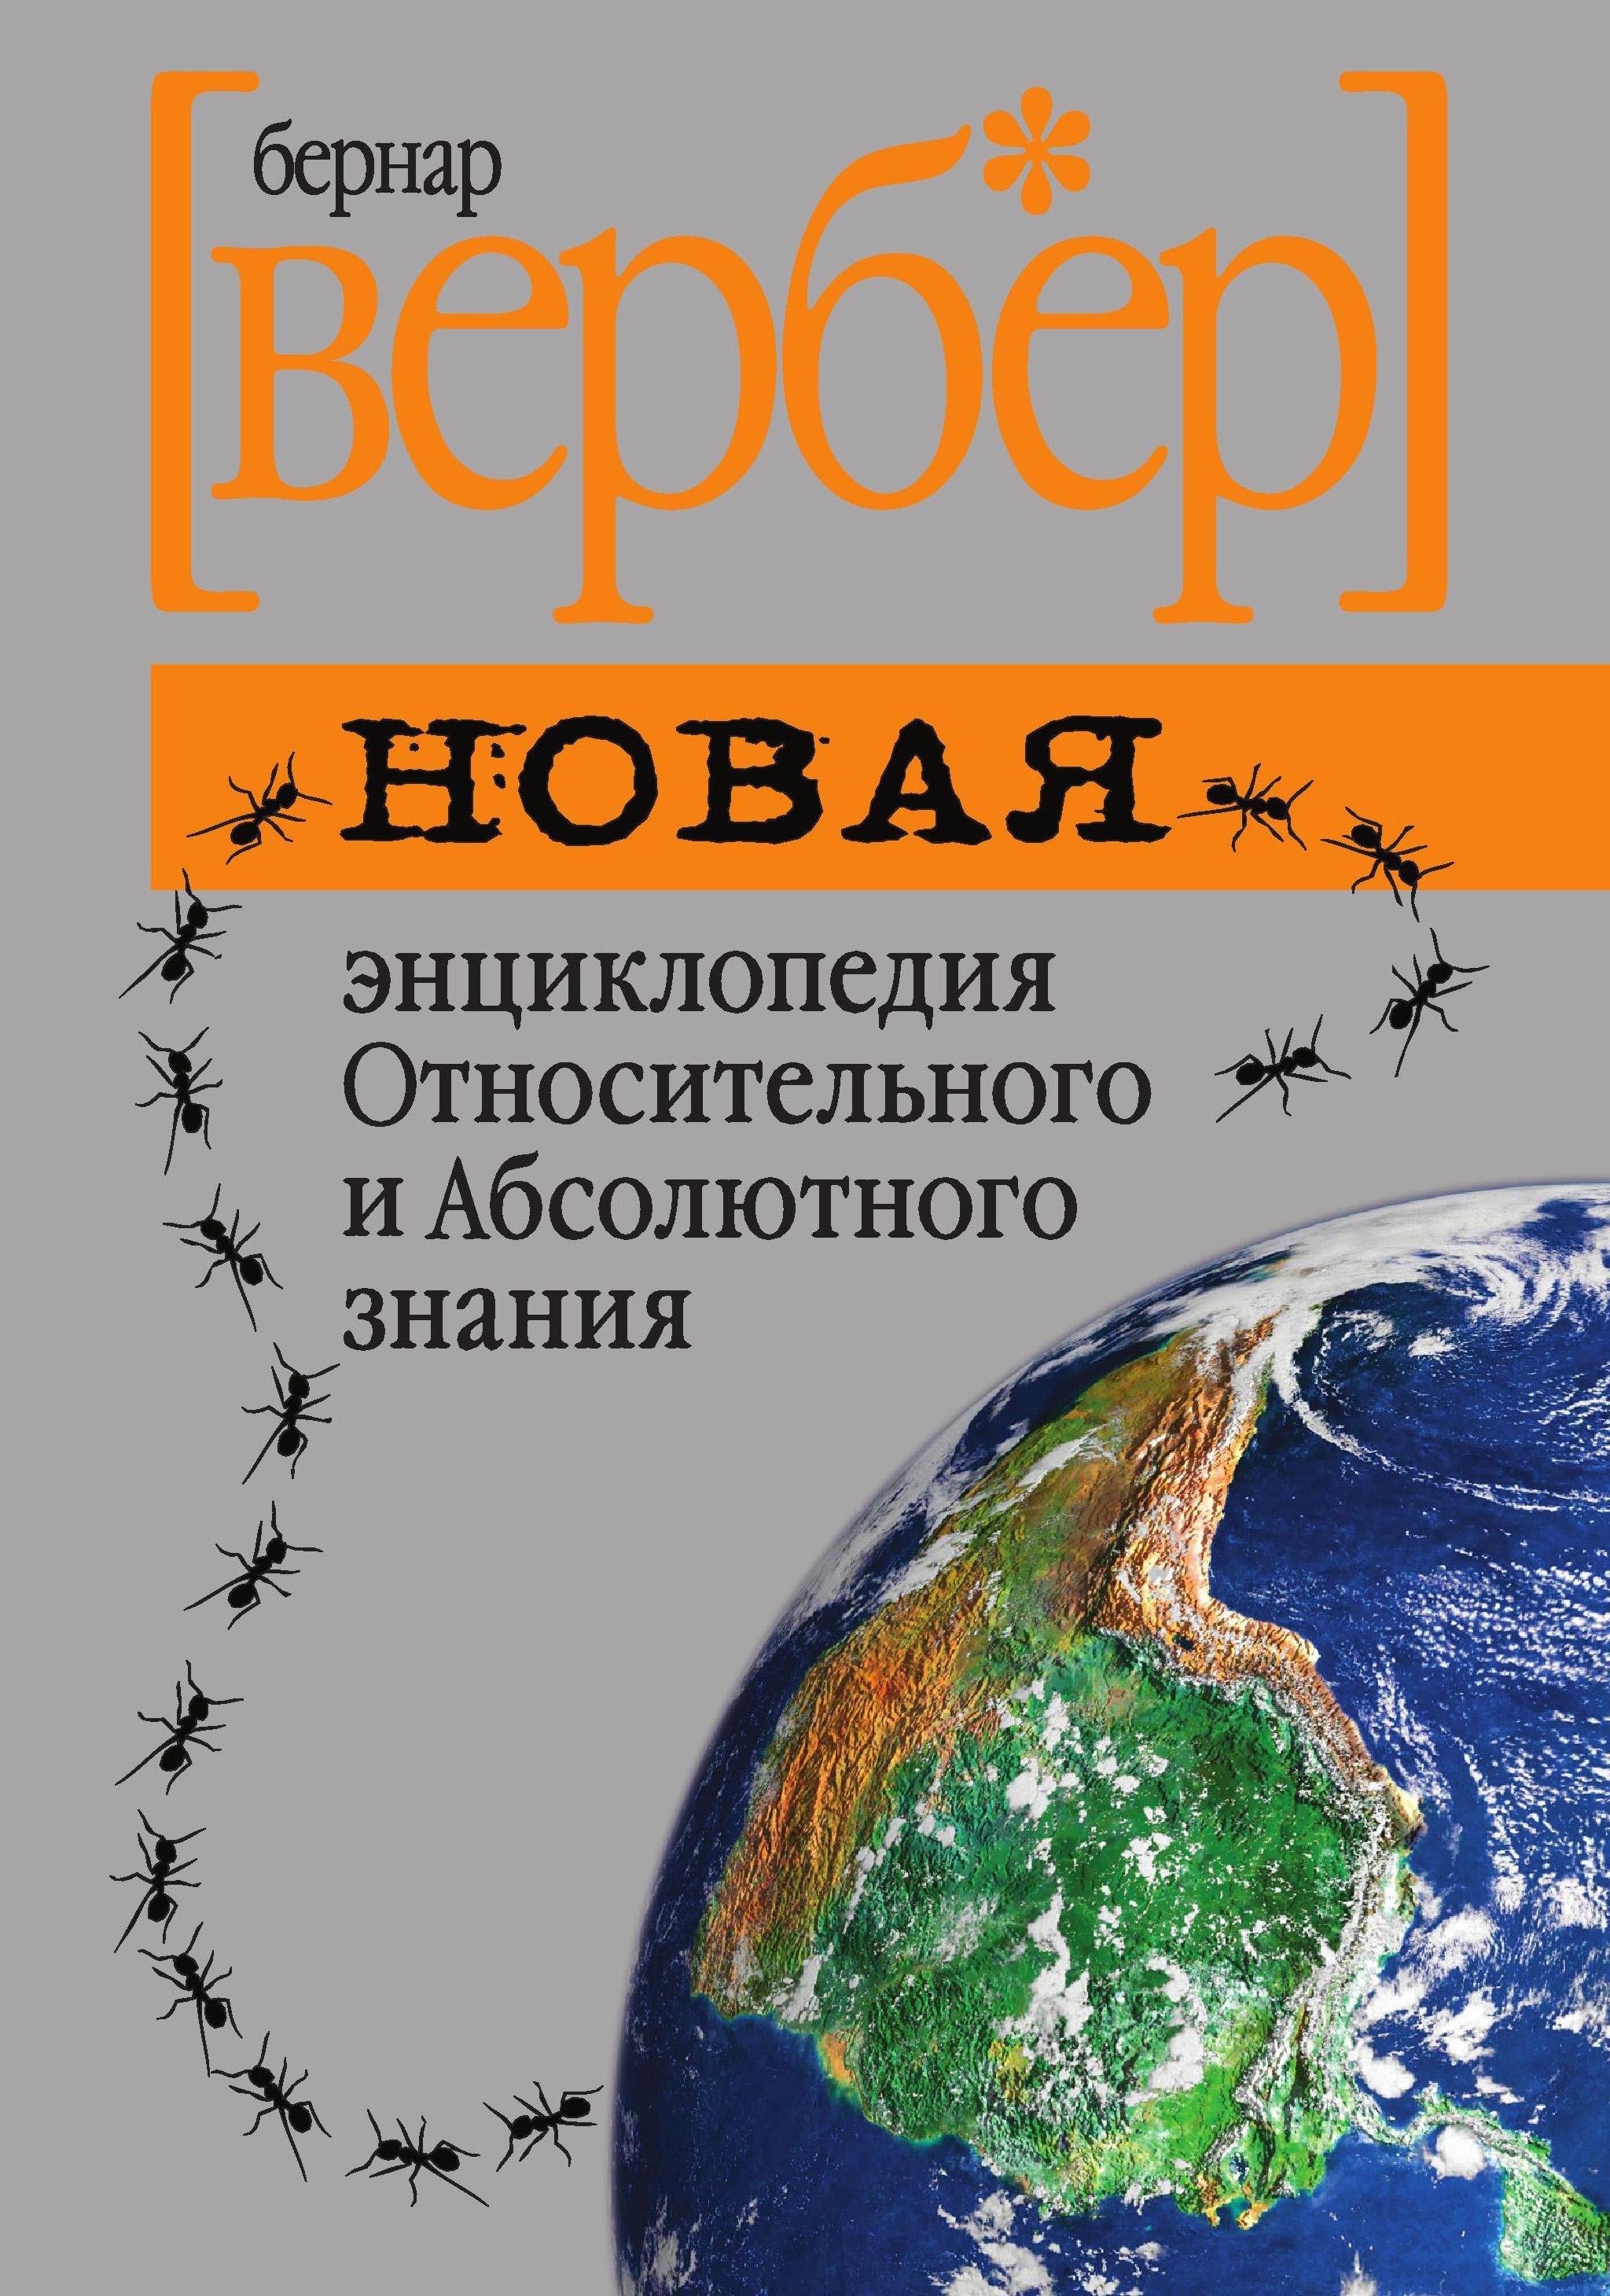 Бернар Вербер Новая энциклопедия Относительного и Абсолютного знания